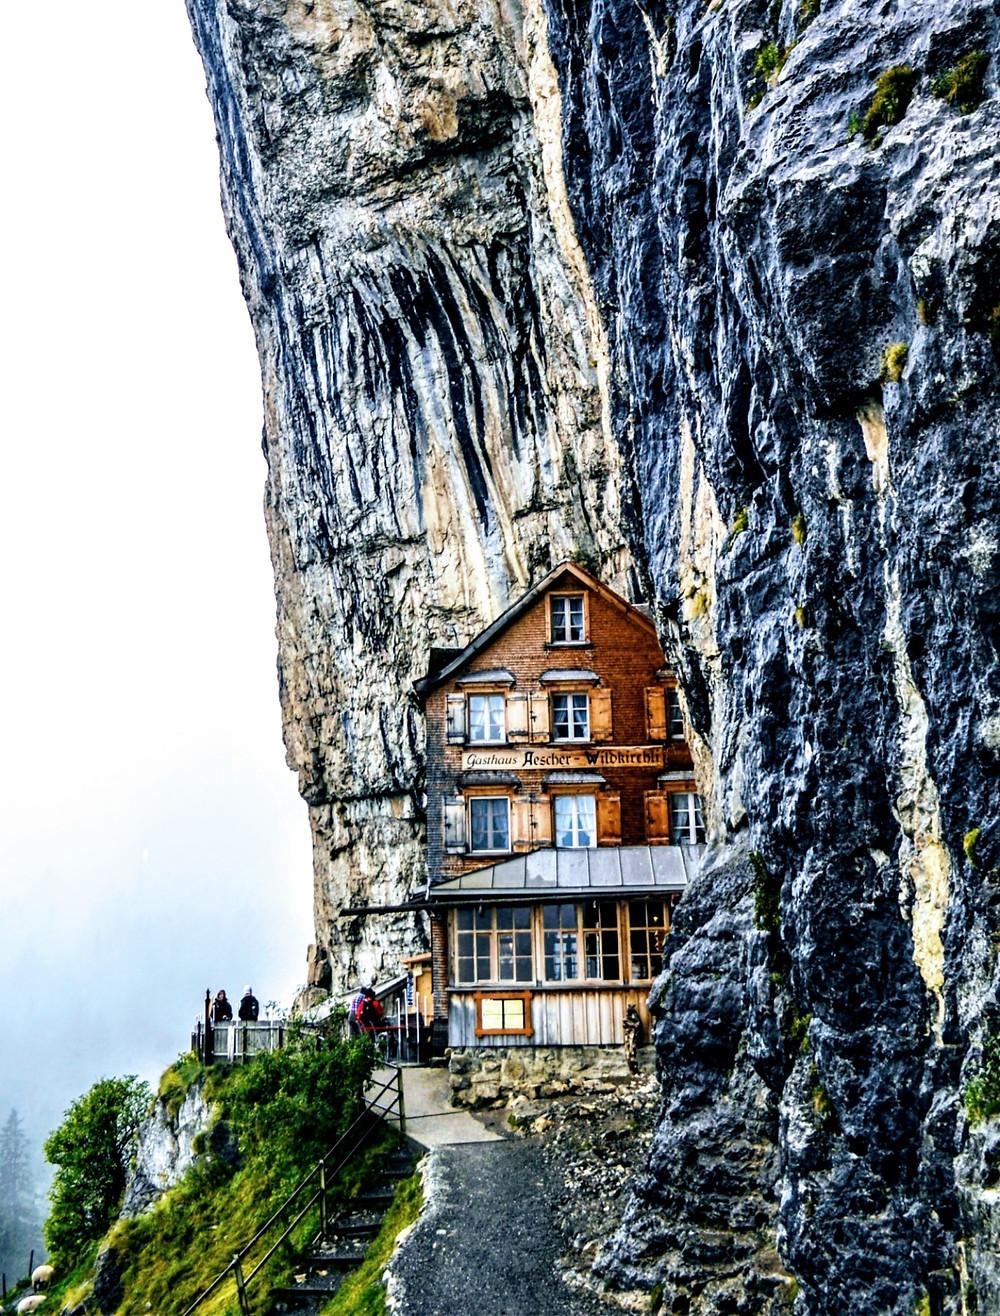 Berggasthaus Aescher-Wildkirchli Schwede Switzerland